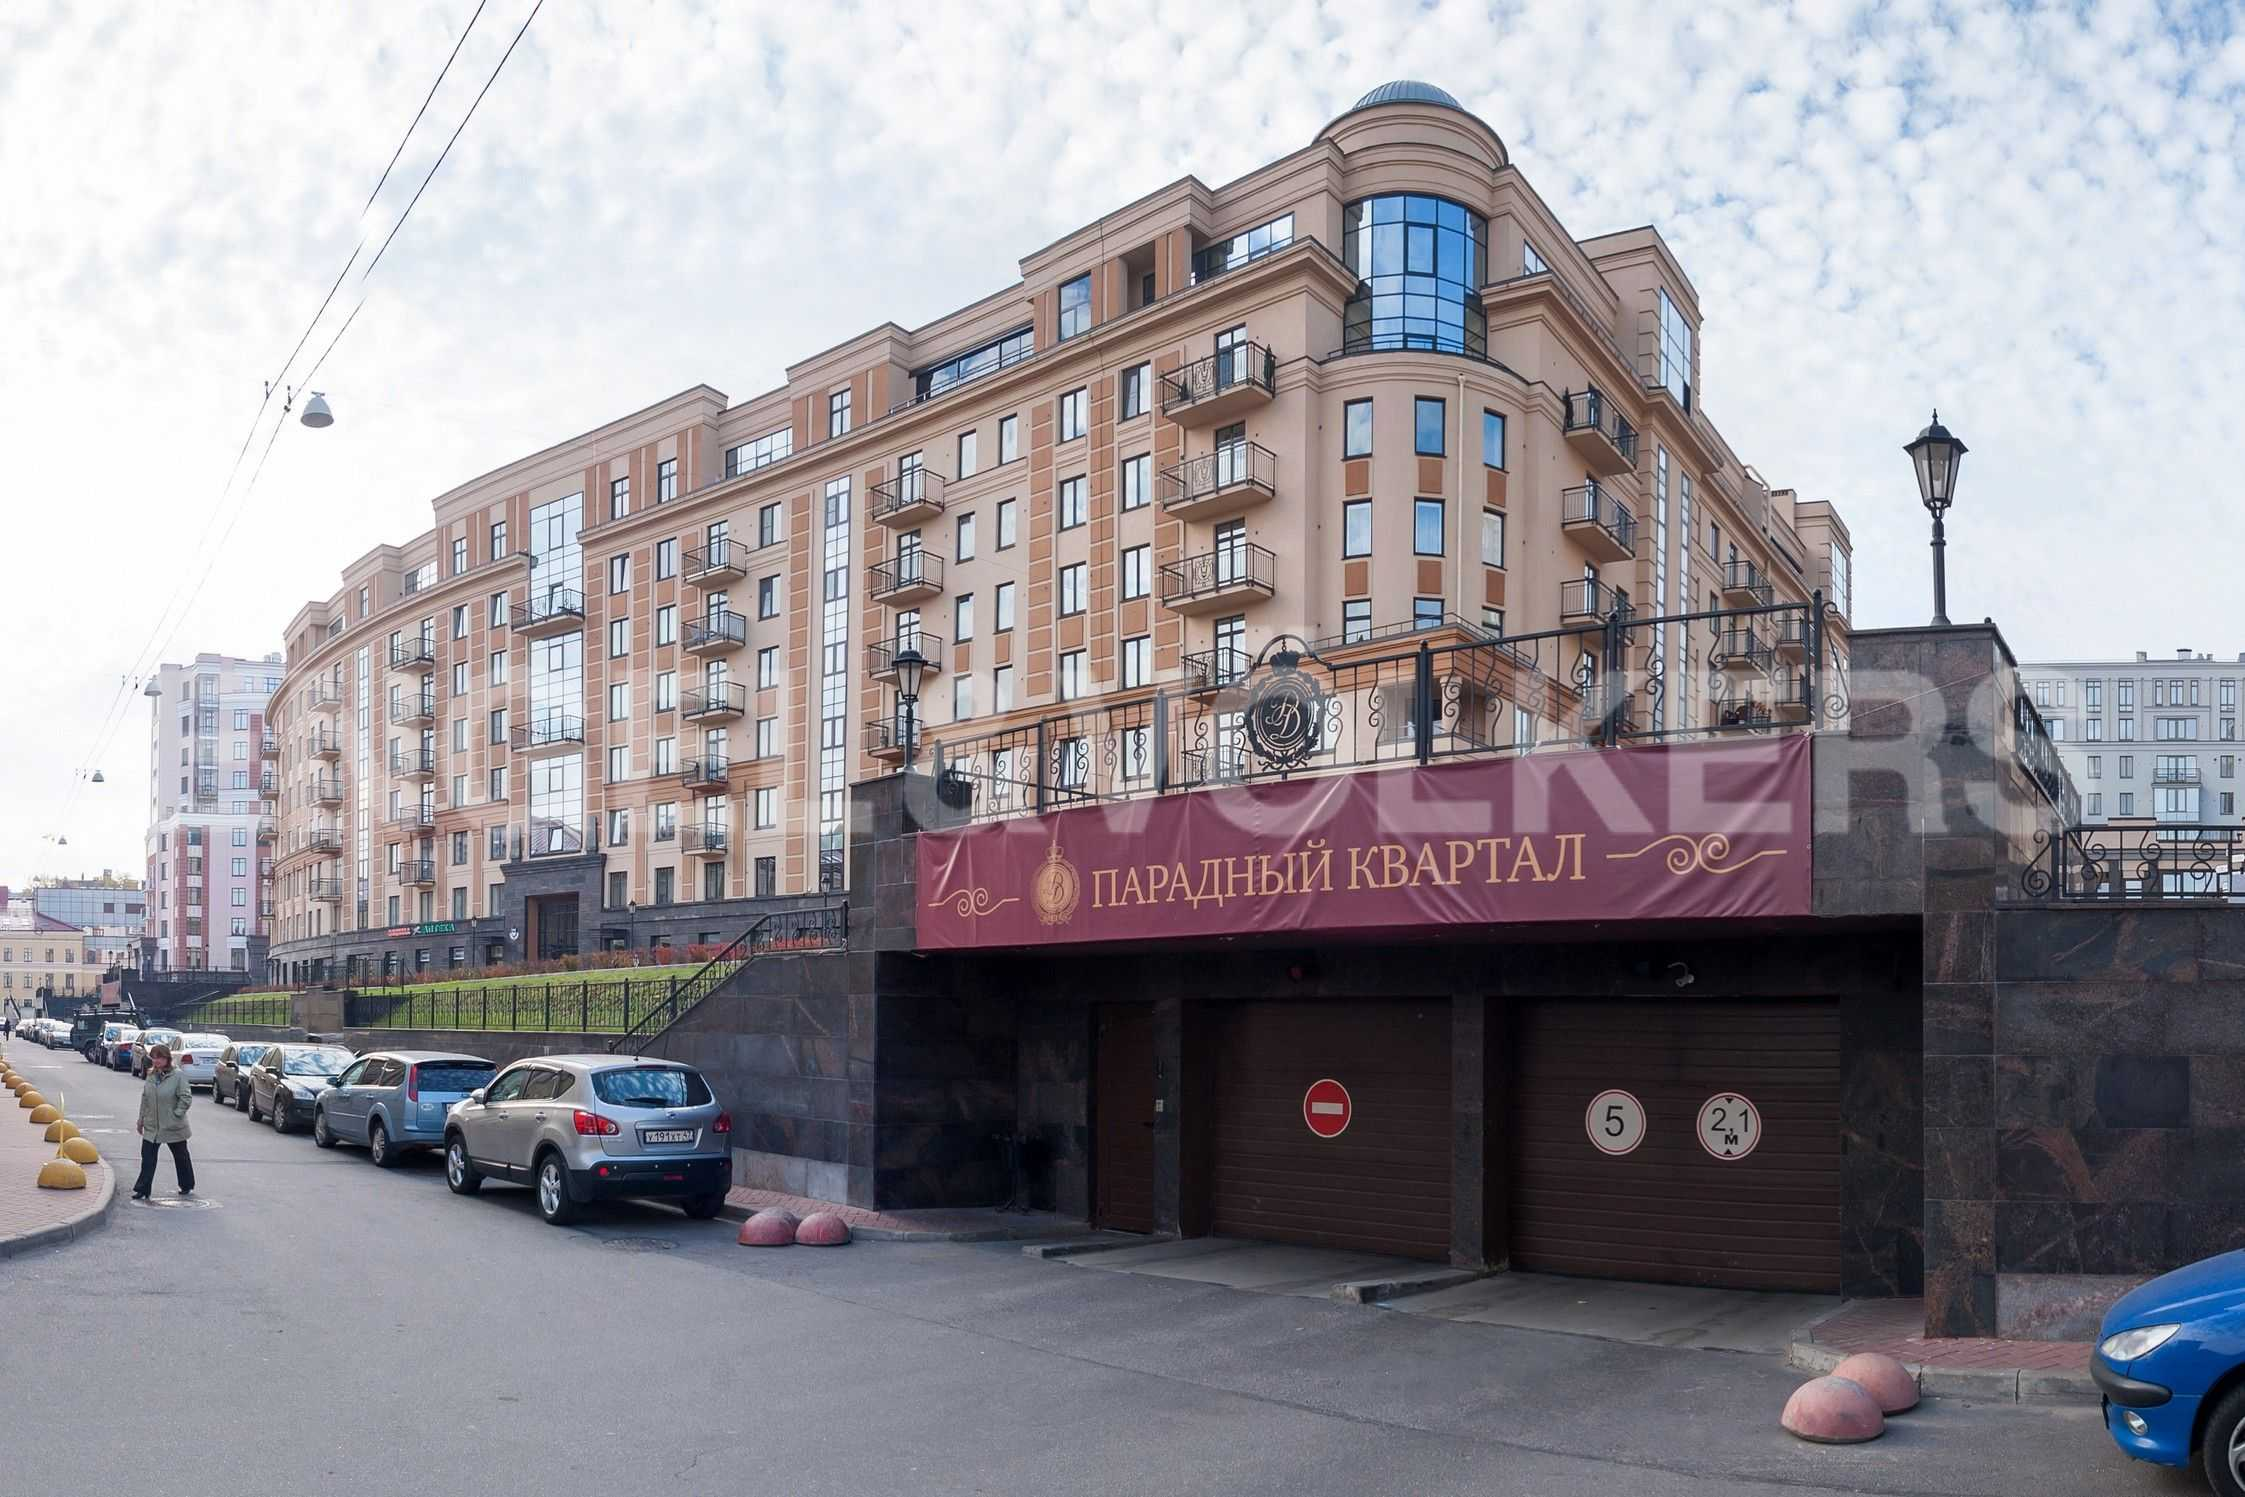 Элитные квартиры в Центральном районе. Санкт-Петербург, Парадная, 3. Фасад дома со стороны Парадной улицы